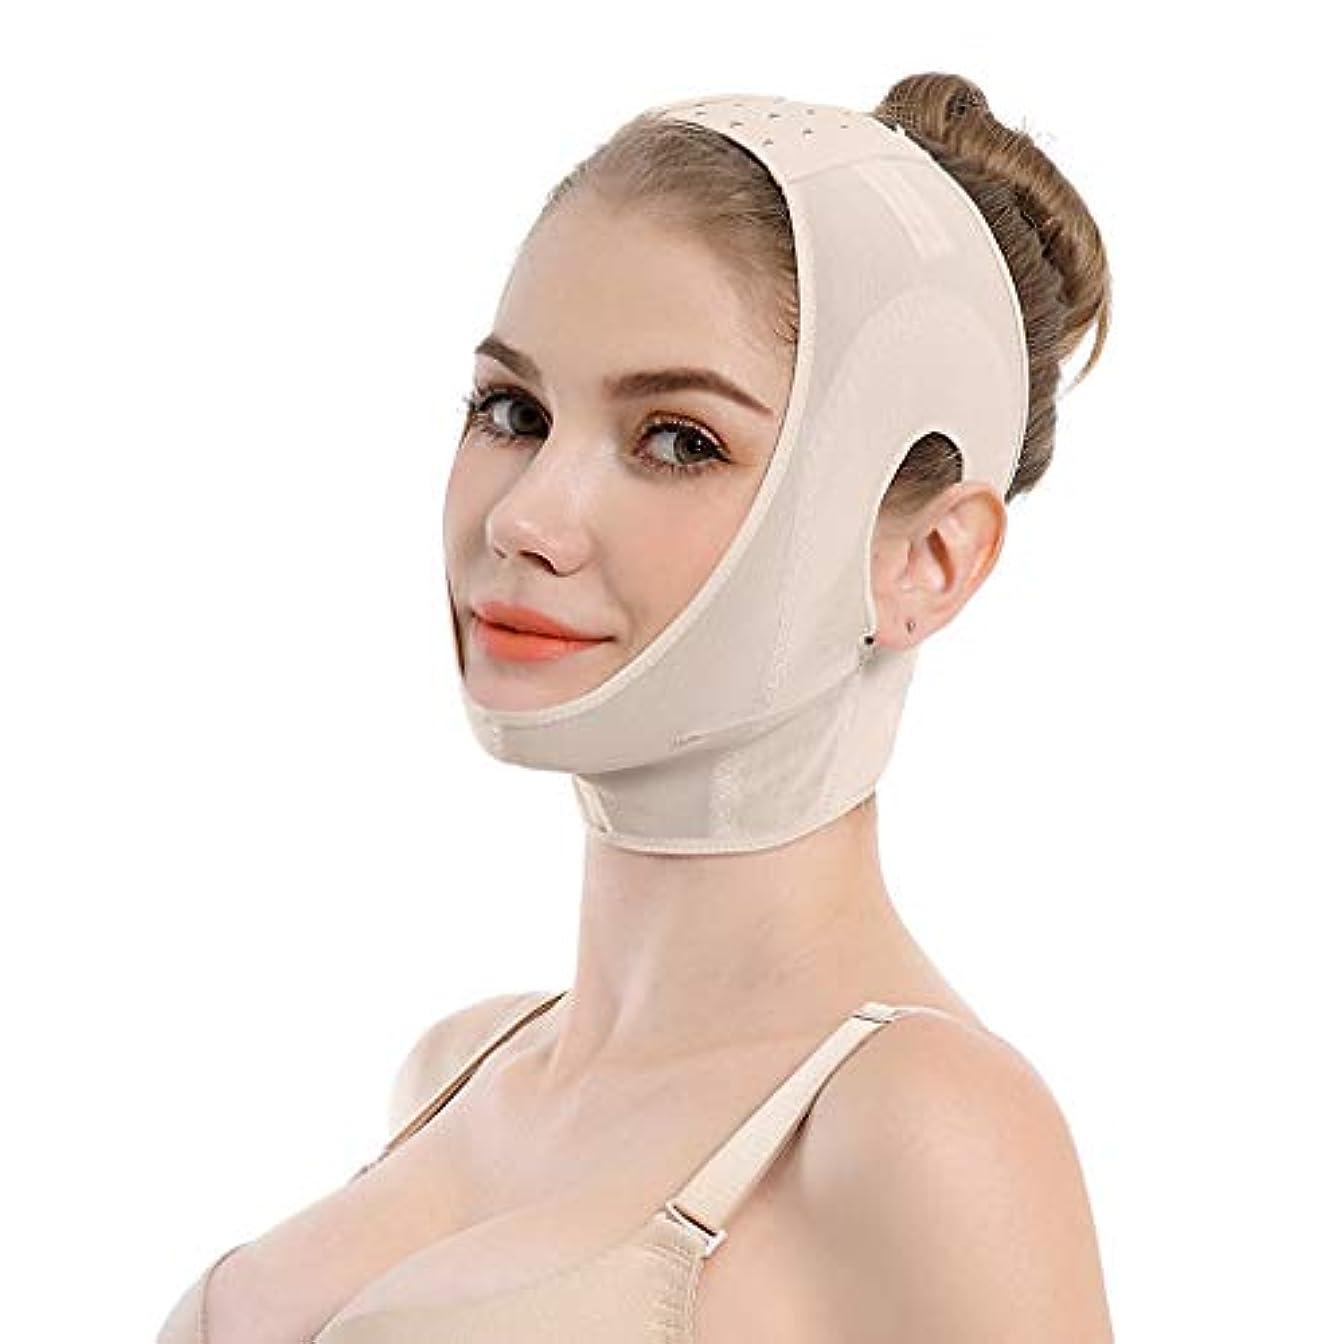 ユーモラス休暇お香Jia He 軽量 薄い面ベルト、抗しわ薄い二重あごの通気性睡眠マスクを持ち上げ薄い顔包帯V顔アーティファクト ## (Color : Skin tone)